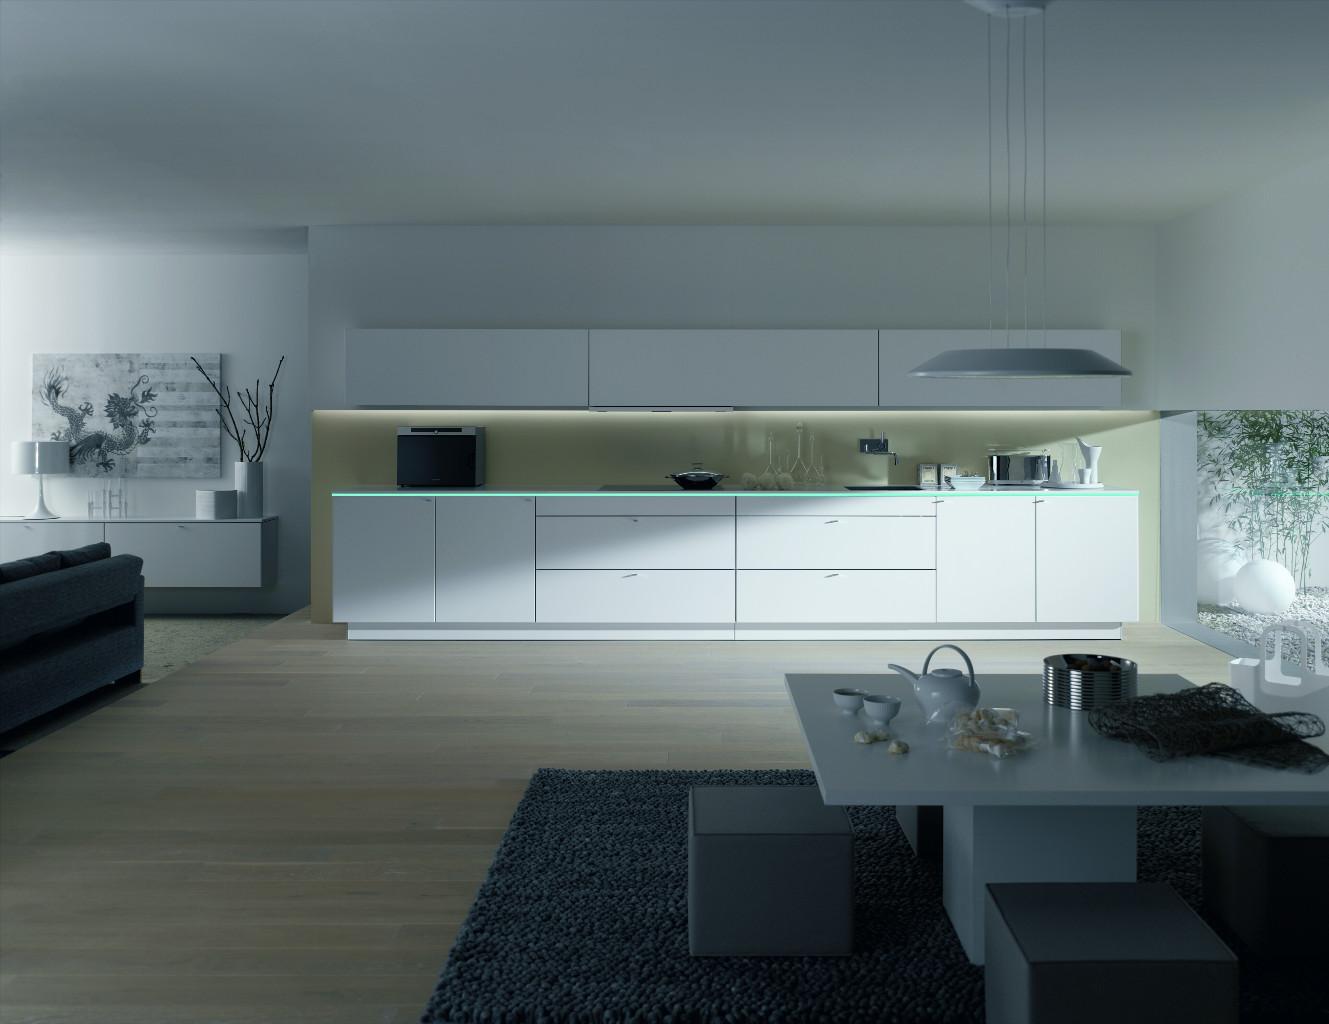 Asmo Küchen küchen klassisch modern goetics com gt inspiration design raum und möbel für ihre wohnkultur